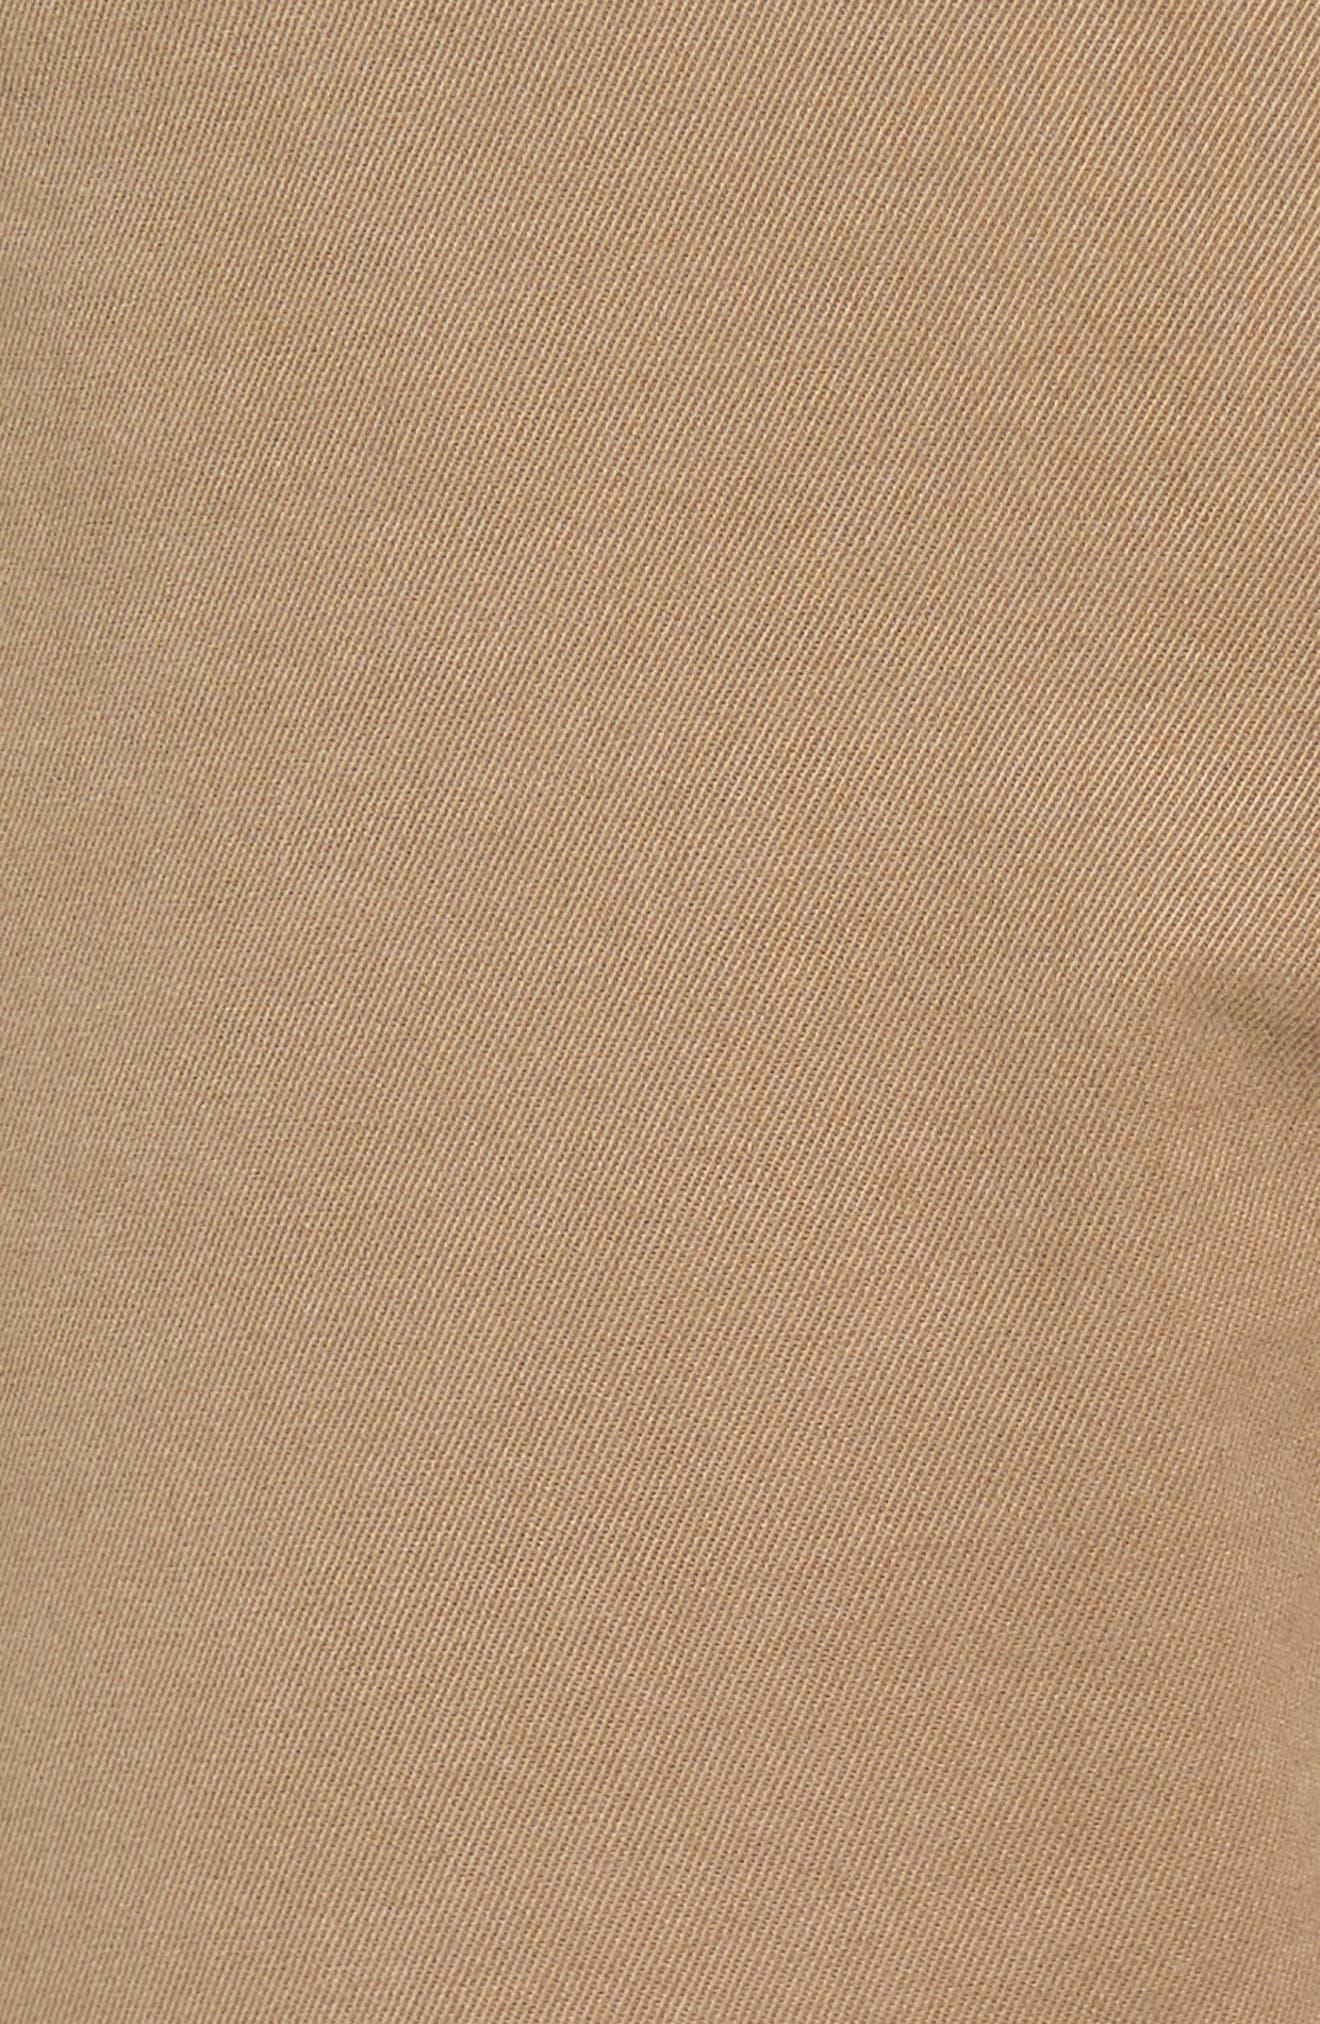 'Matchbox BES' Slim Fit Pants,                             Alternate thumbnail 202, color,